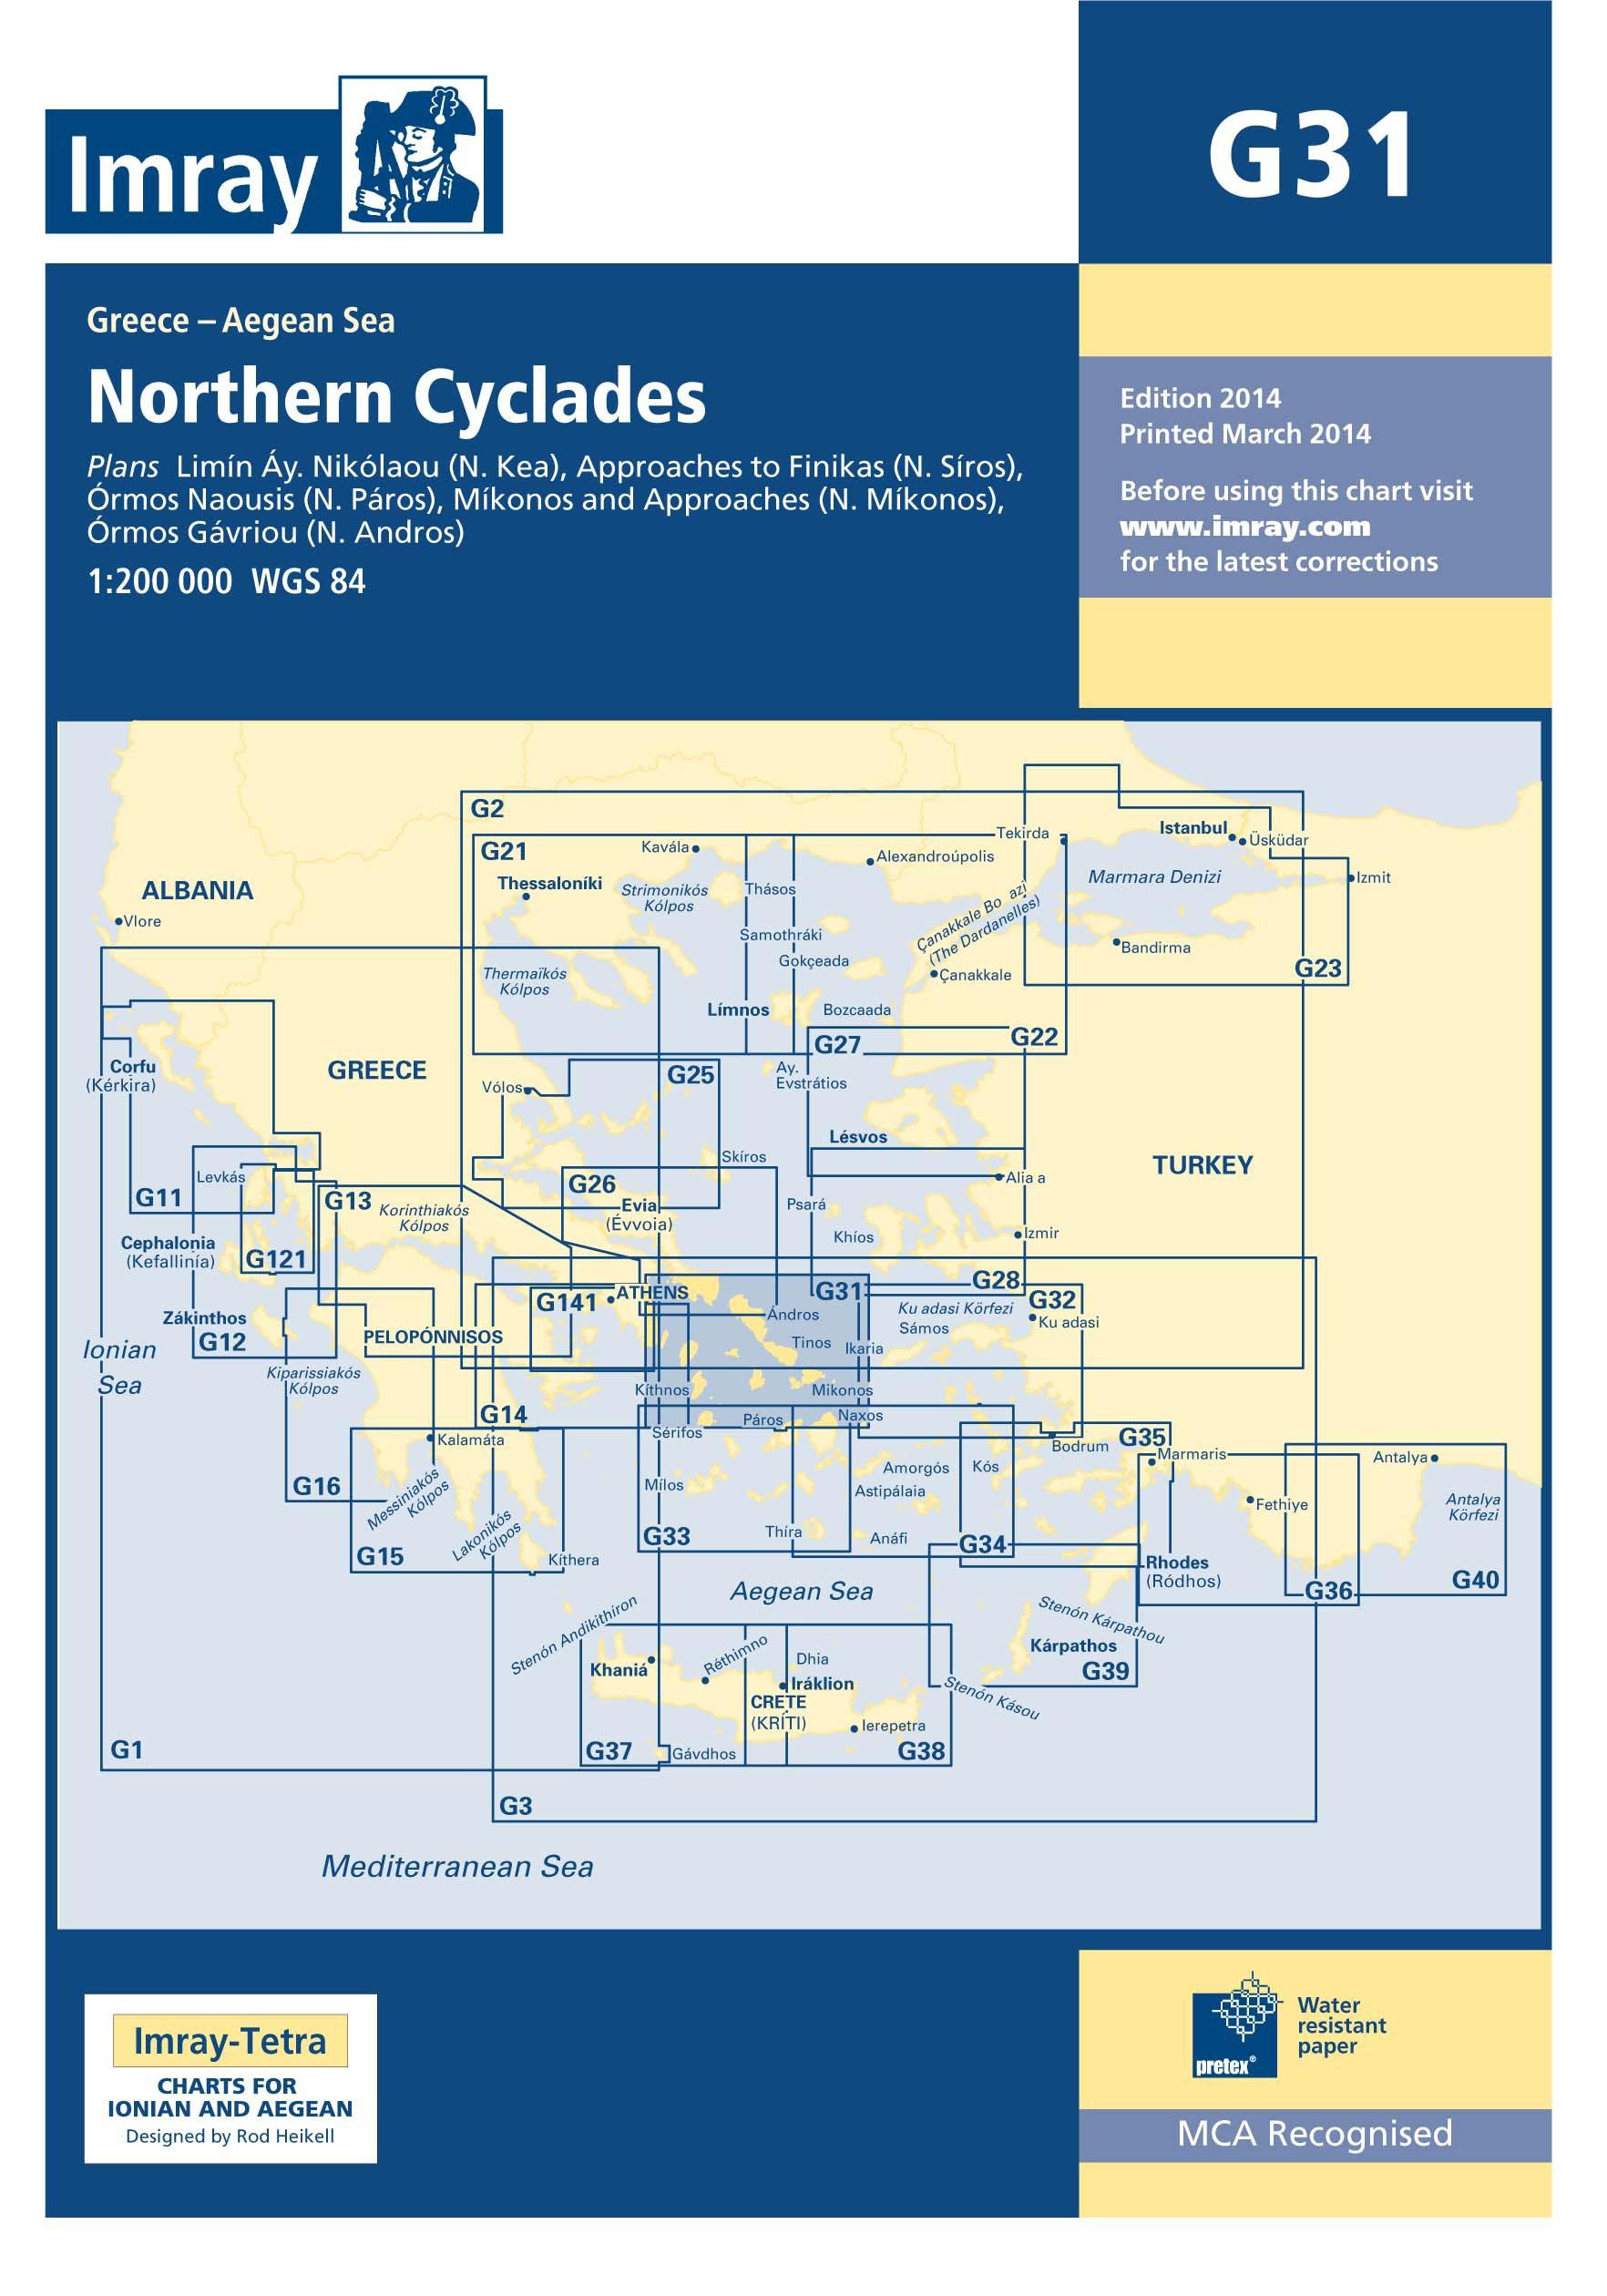 33.53 - Ναυτικός Χάρτης IMRAY ICG31-1 Βόρειες Κυκλάδες